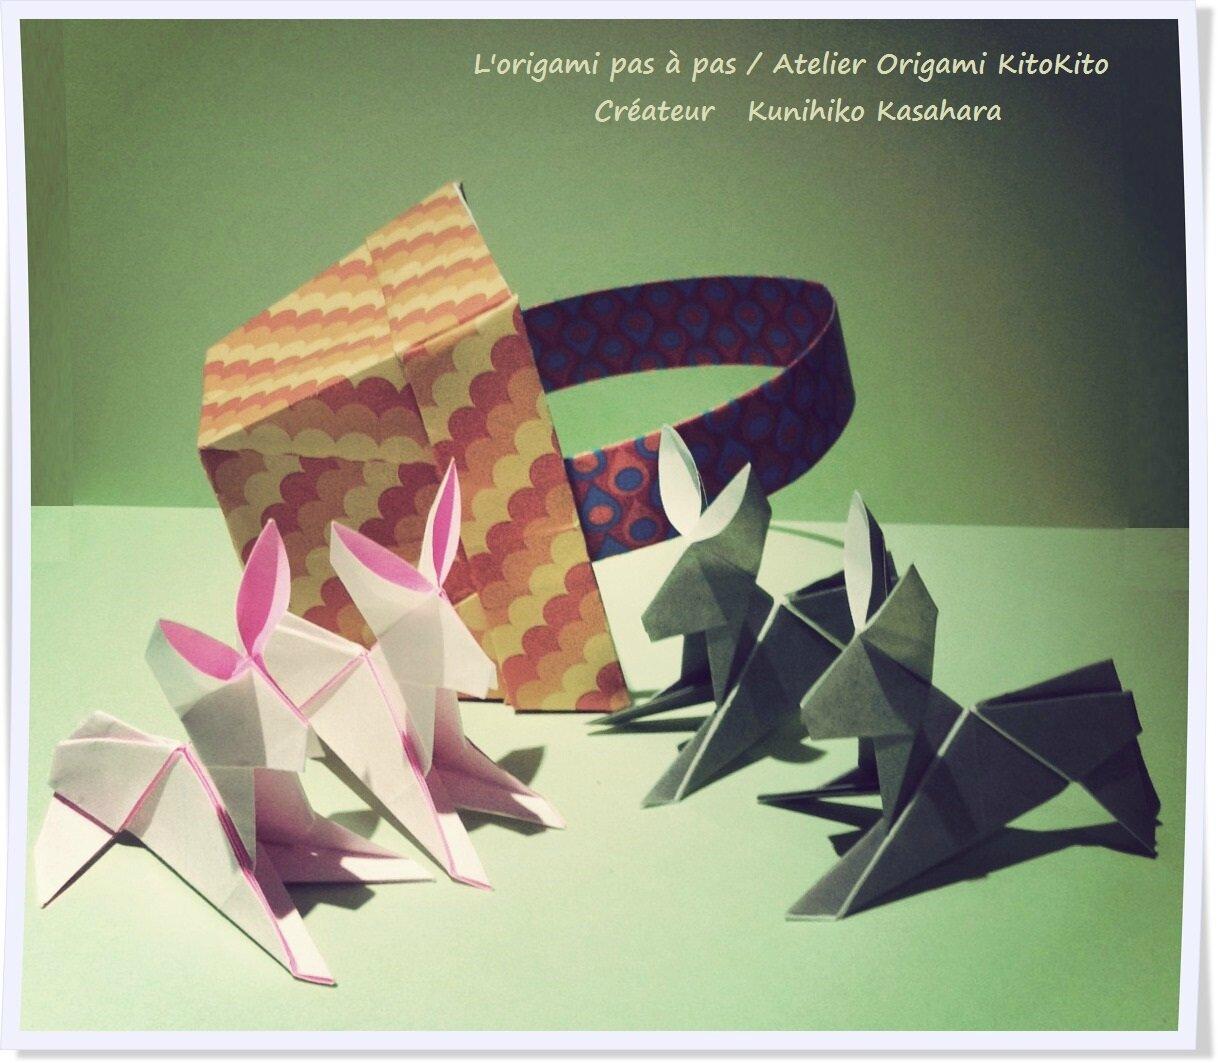 lundi de p ques 2016 lapin16 l 39 origami pas pas. Black Bedroom Furniture Sets. Home Design Ideas